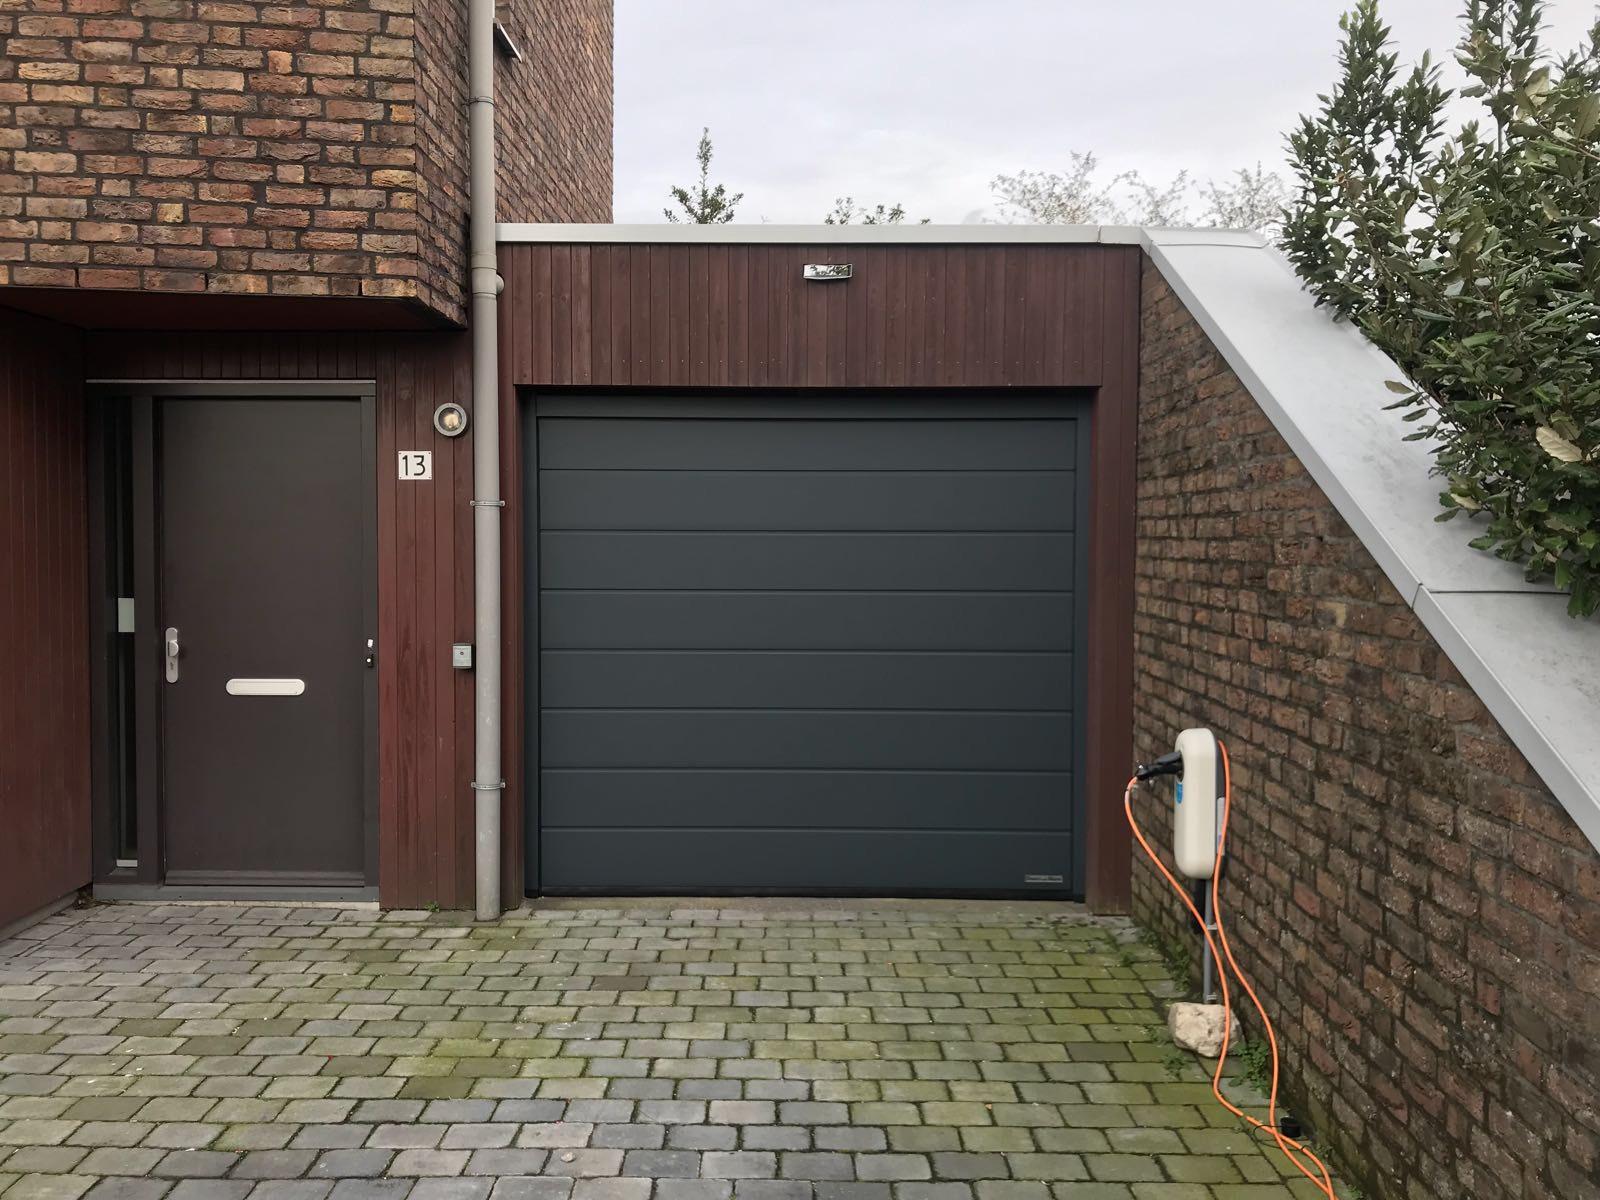 Hörmann Elektrische Garagedeur 998 Doors And More In Eemnes